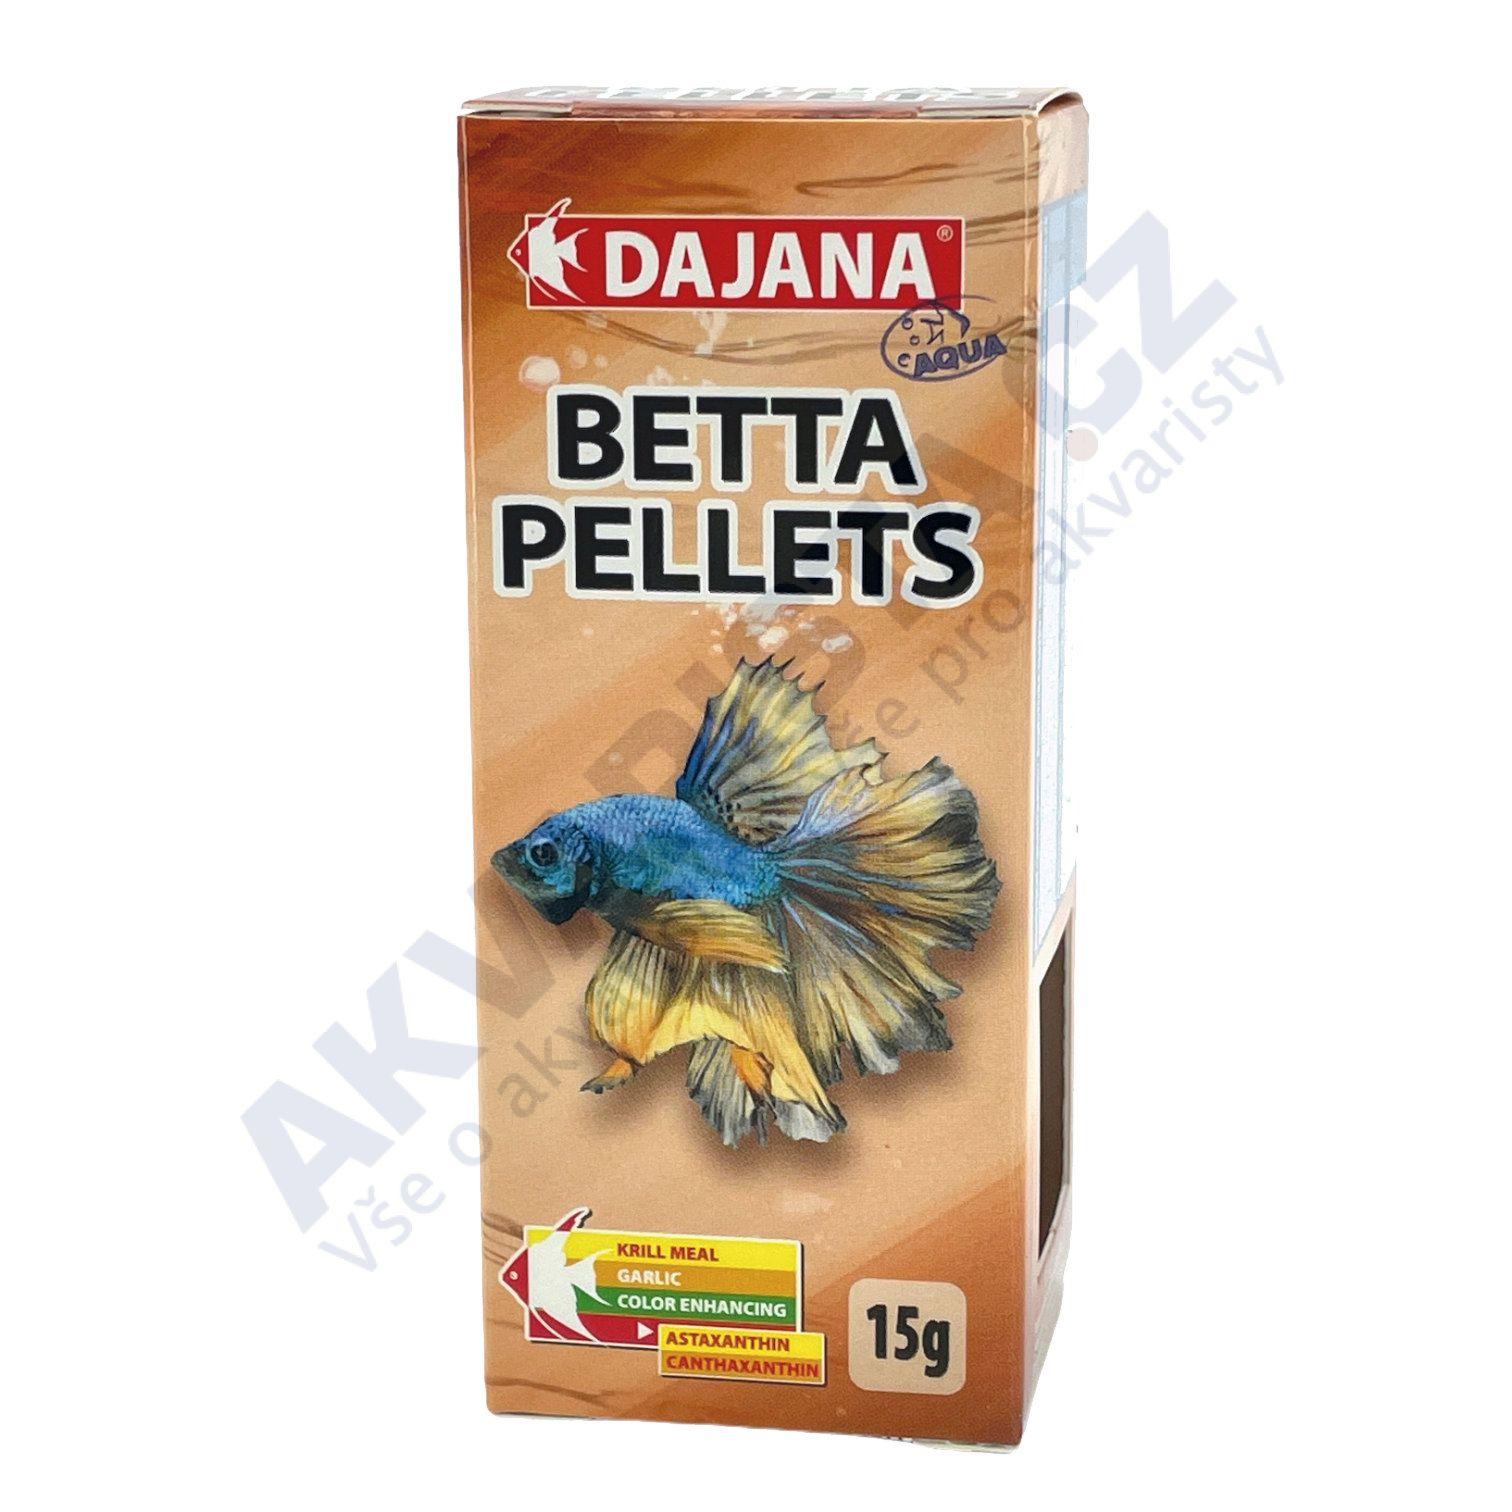 Dajana Betta Pellets 15 g